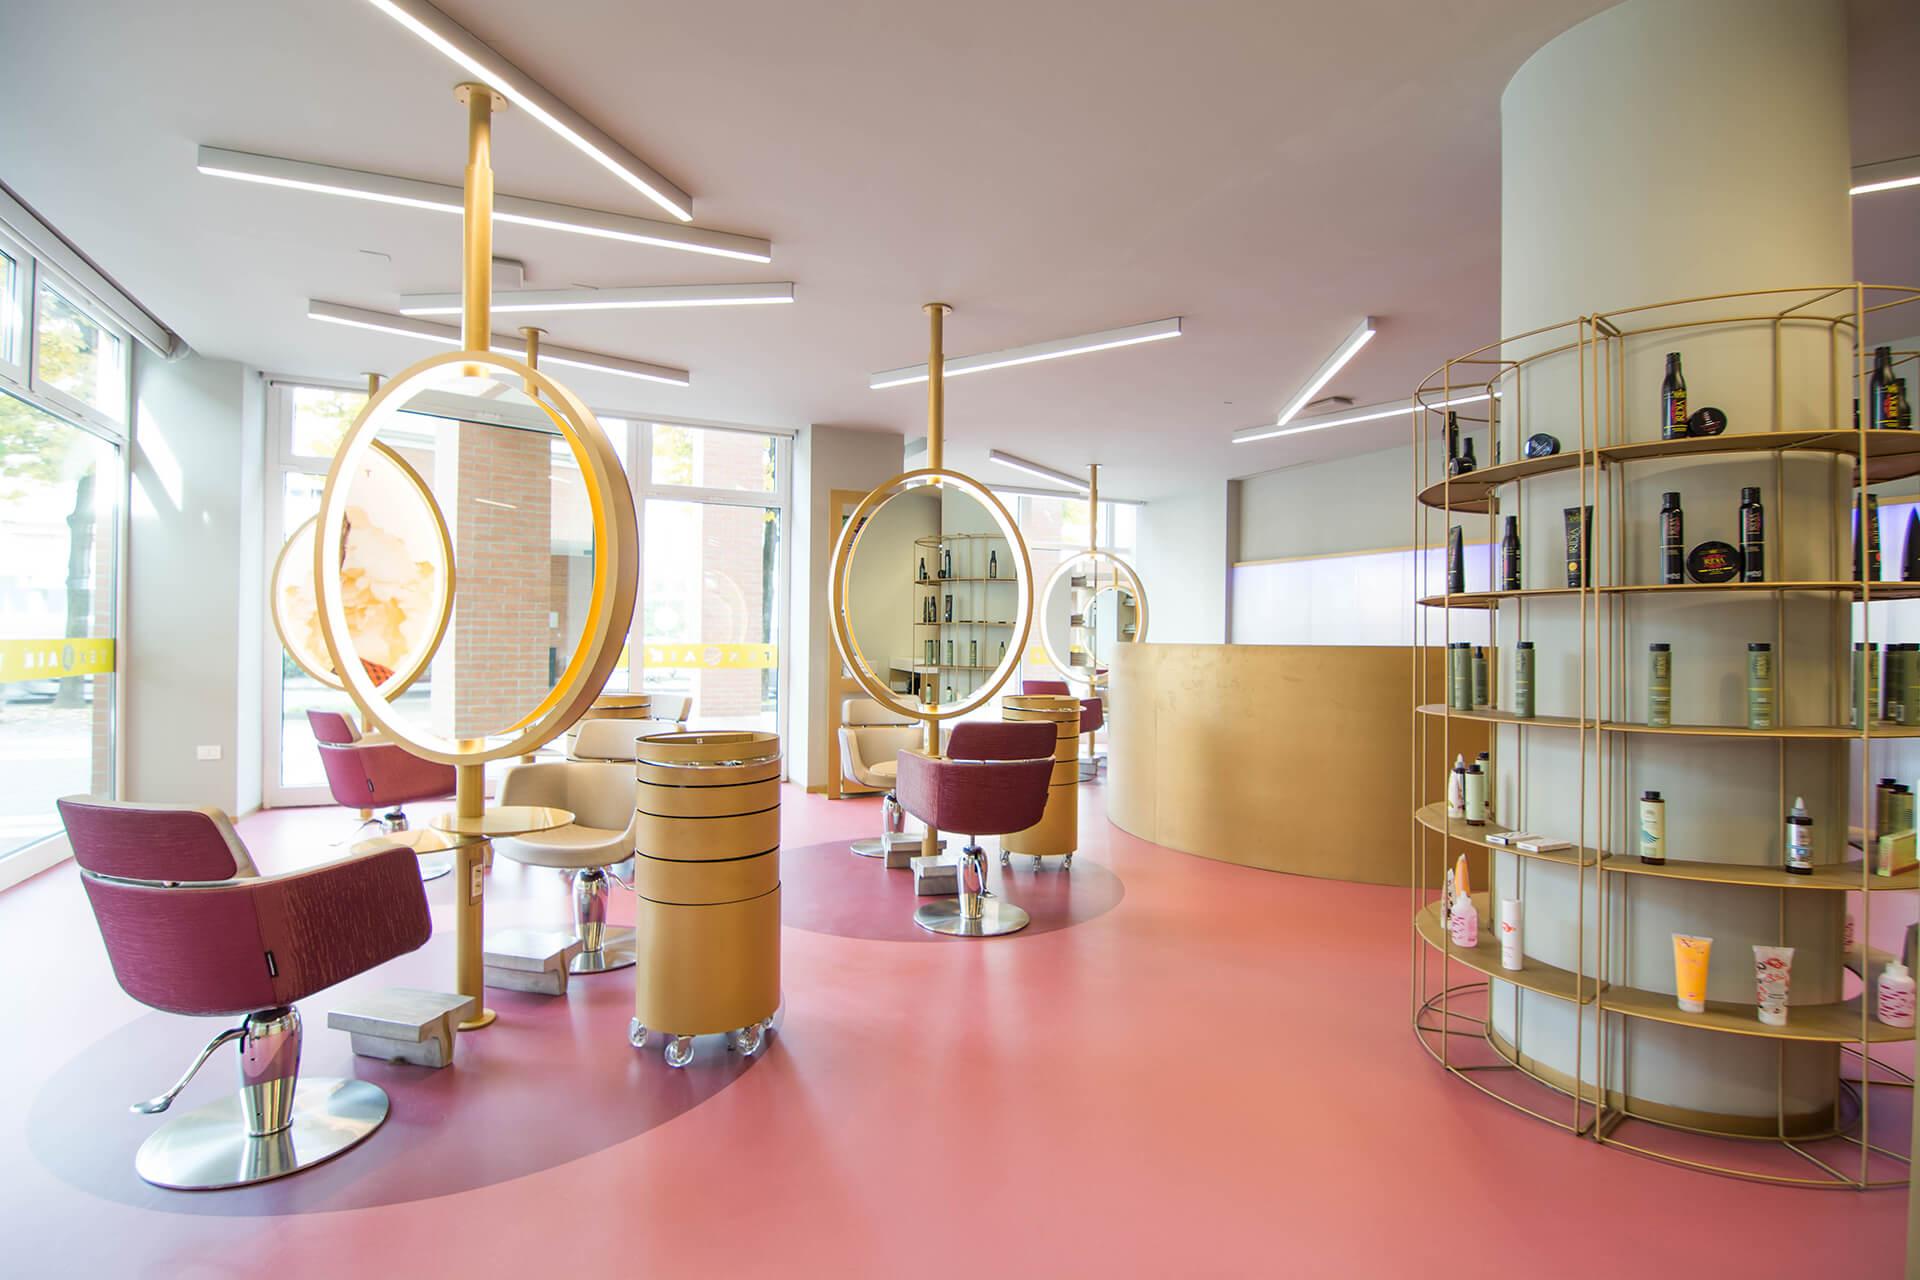 سالن زیبایی و سبک های طراحی